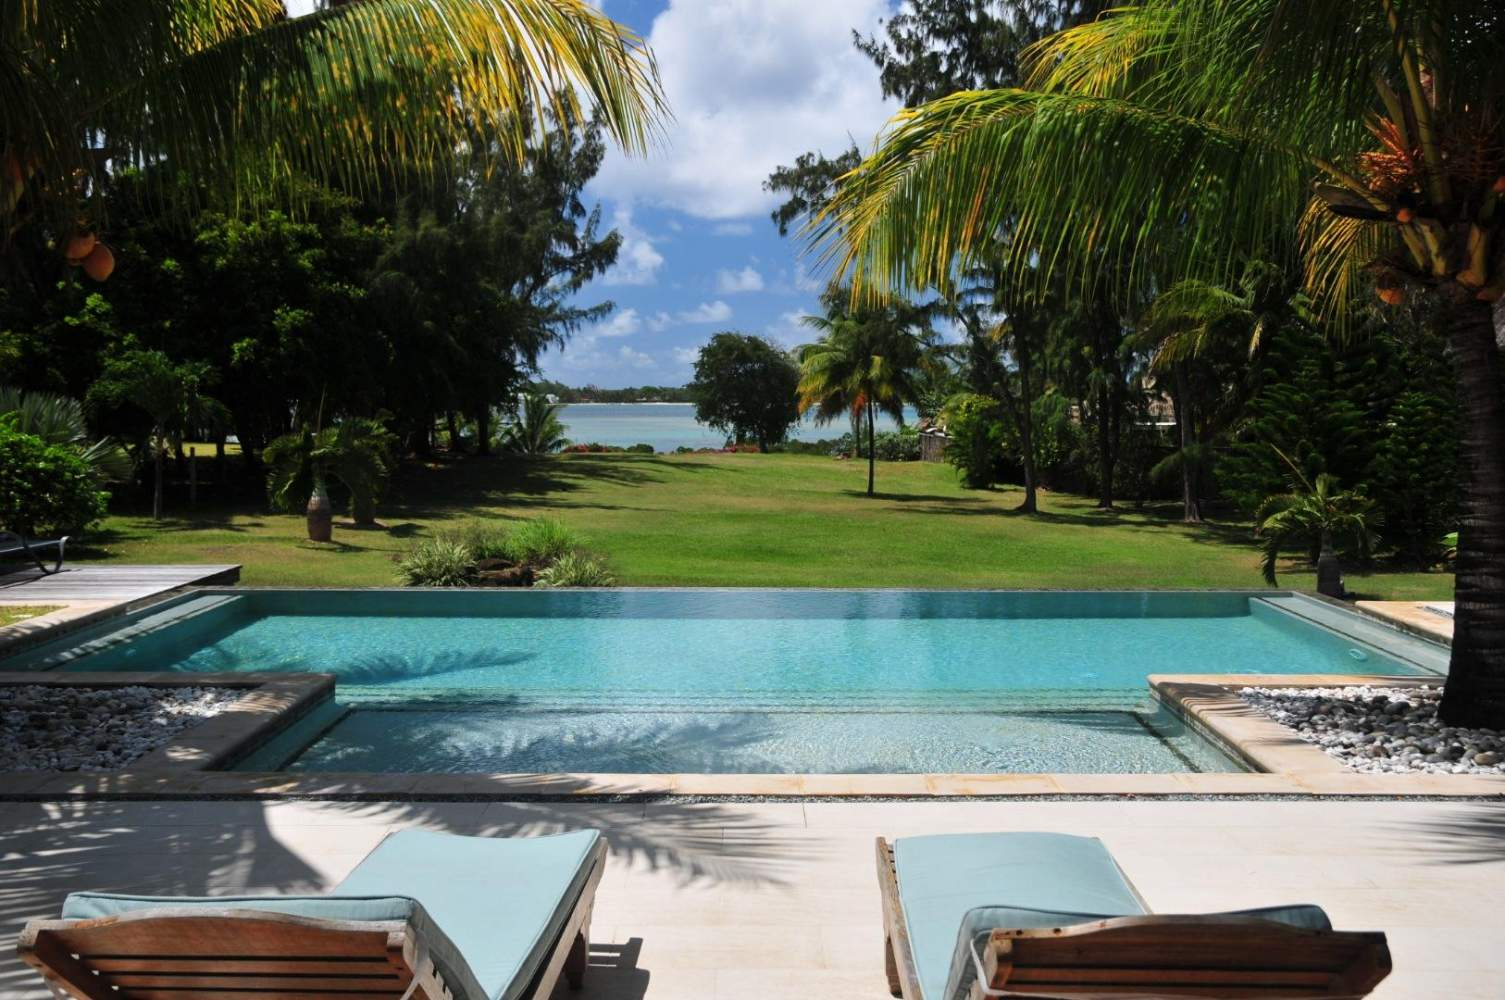 Location Villa Ile Maurice À Trou D'eau Douce Au Bord De Mer ... pour Piscine Eau De Mer